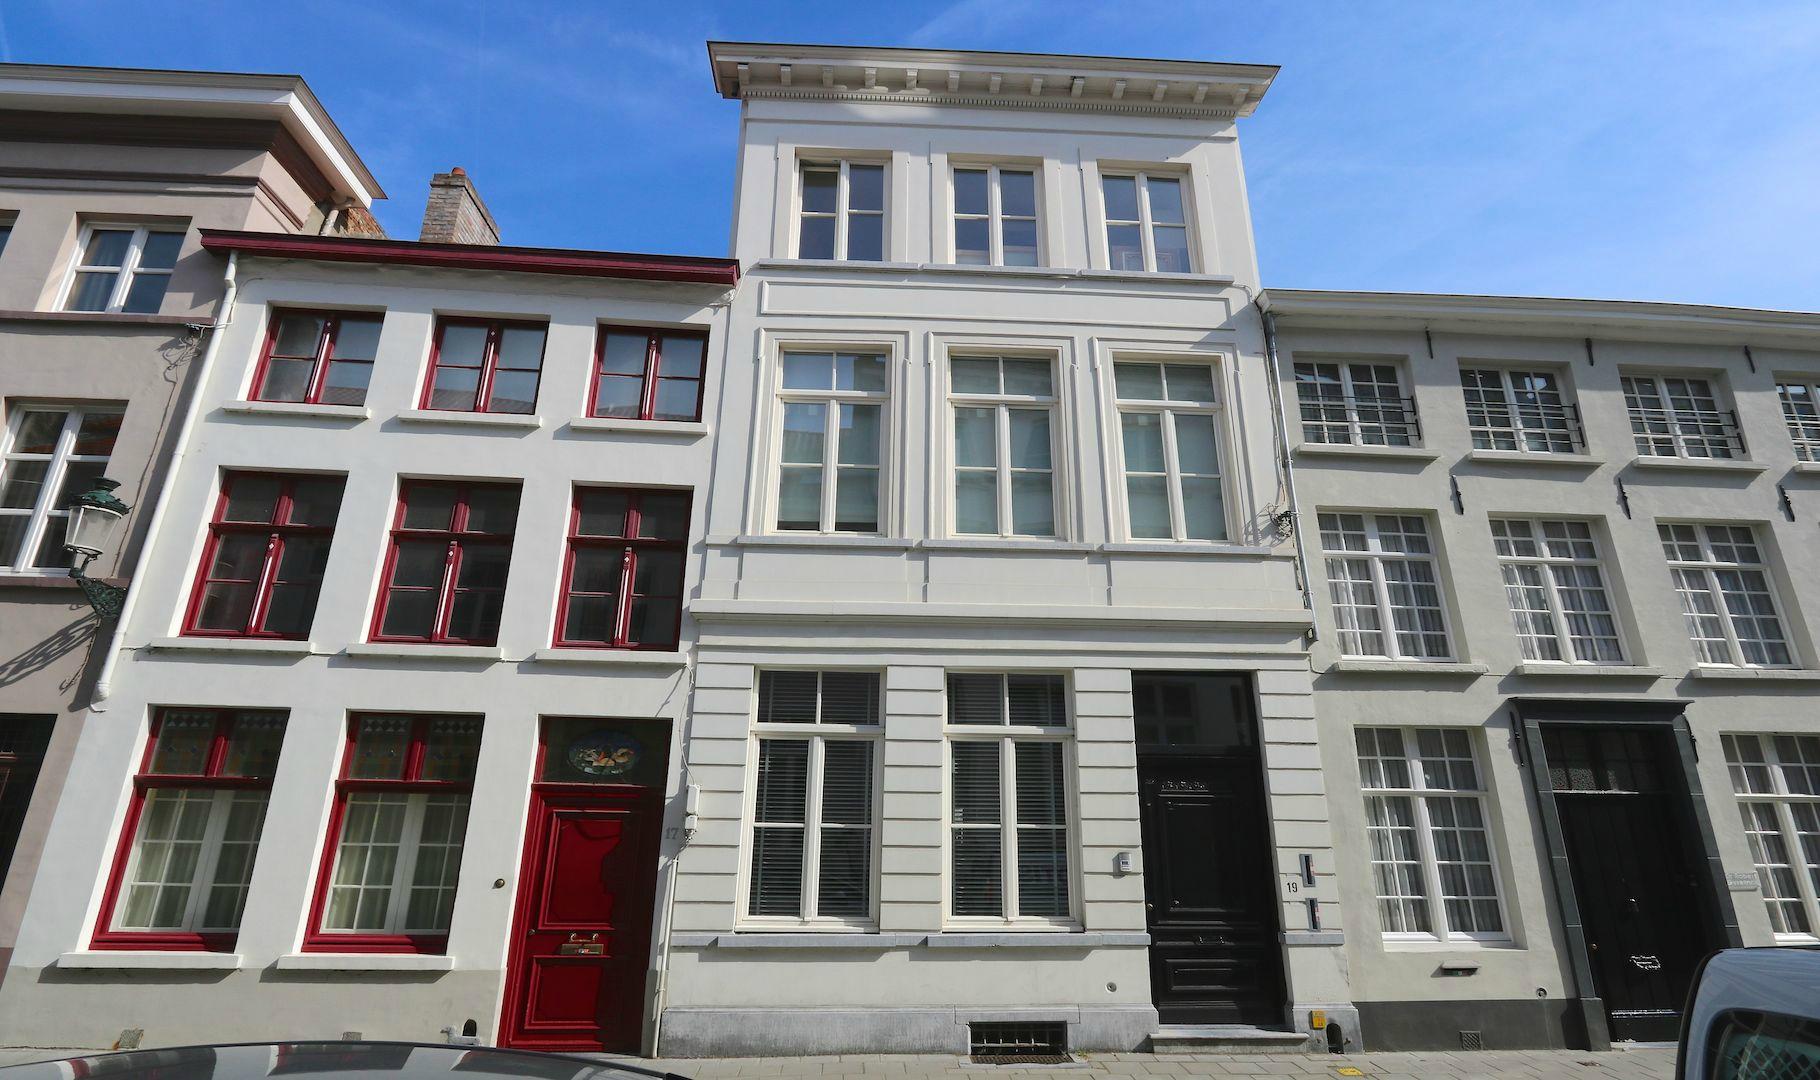 Exclusief appartement (circa 150 m2 vloeroppervlakte) in 19e eeuws herenhuis – groot zonneterras aan rei – centrum bij St Jacobs